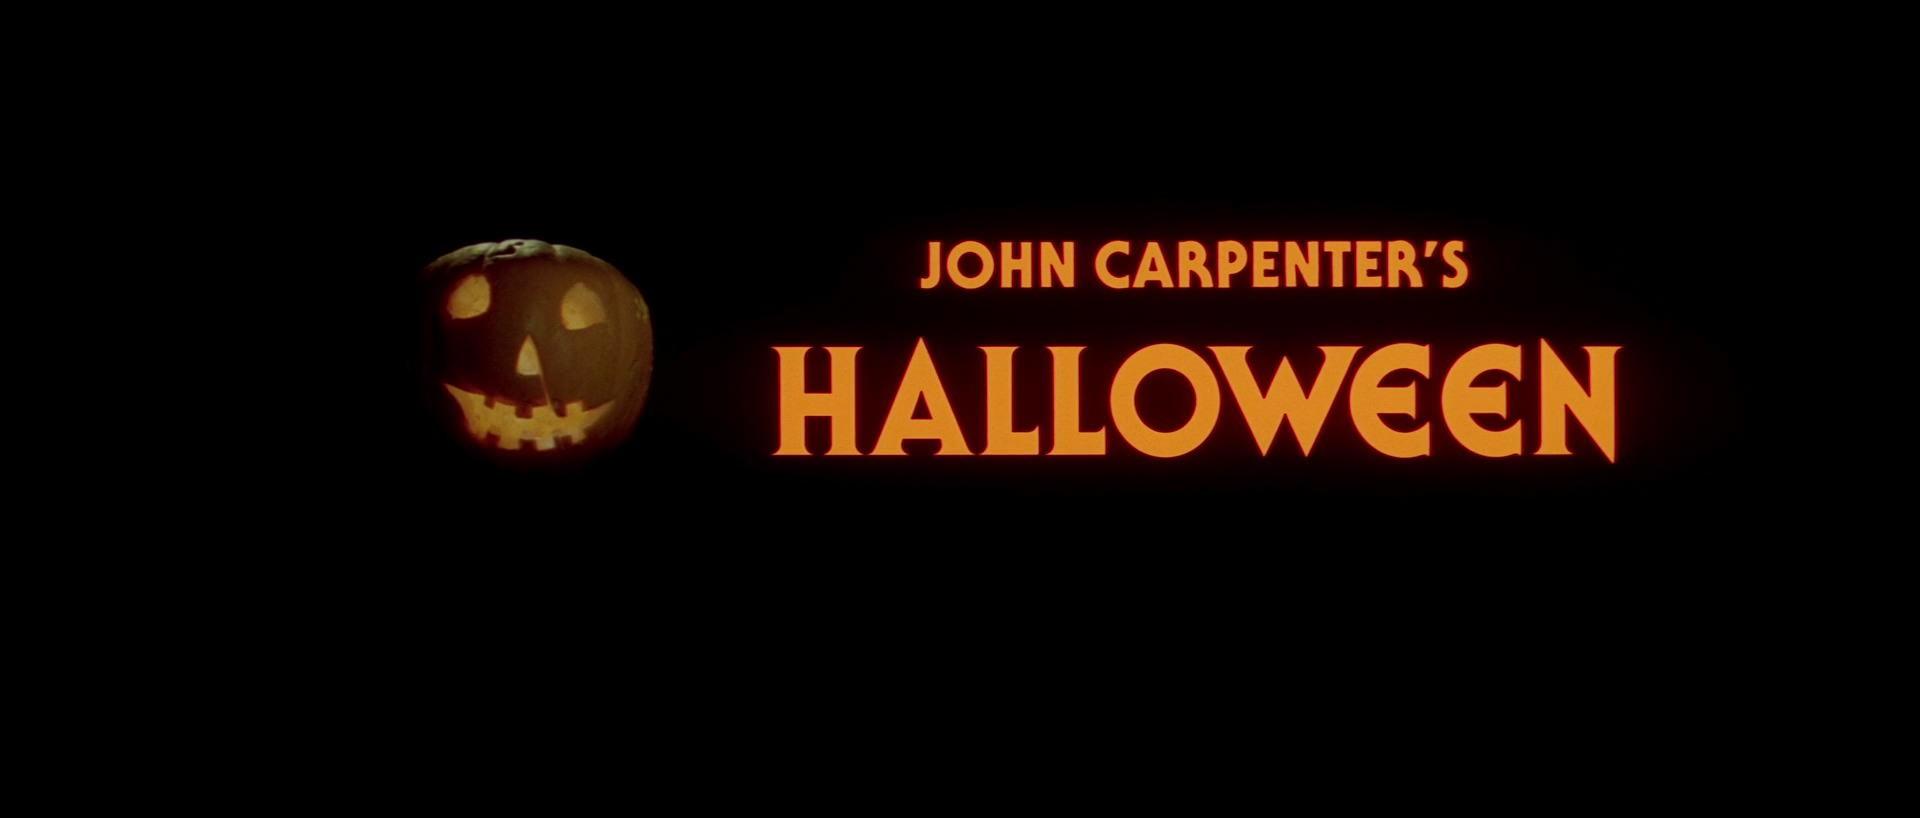 halloween-movie-screencaps.com-